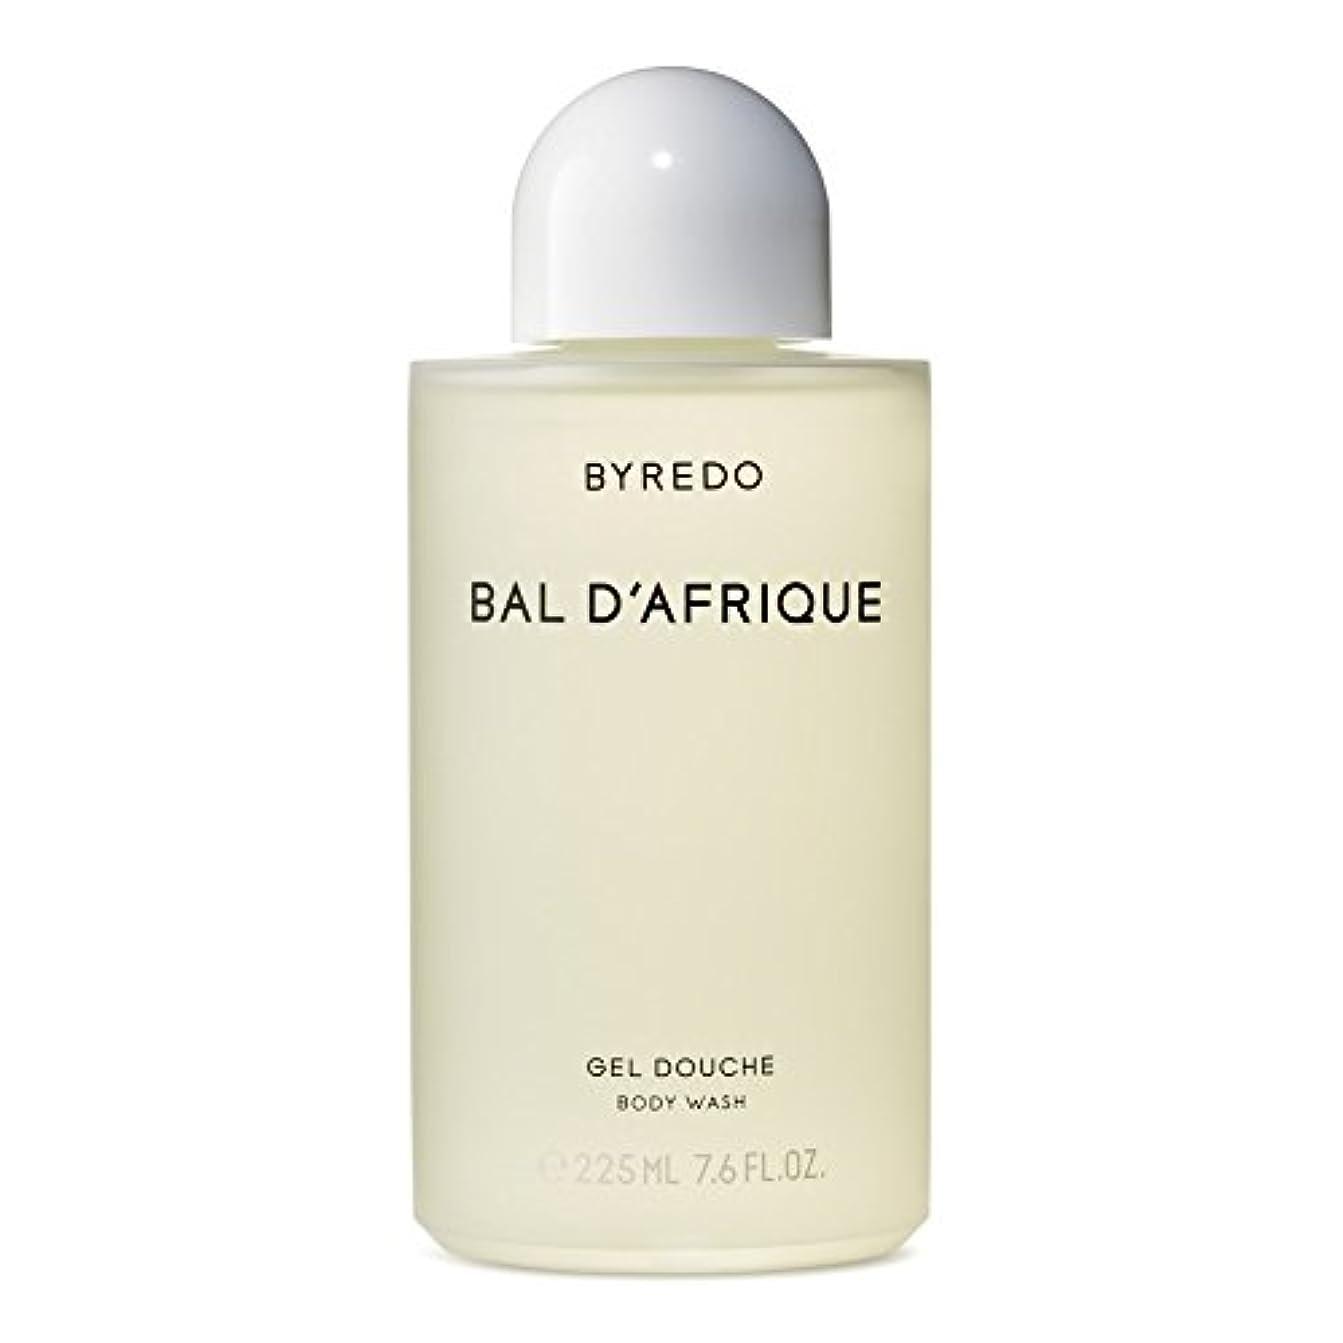 魅惑的な赤道クラッシュ'のボディウォッシュ225ミリリットル x2 - Byredo Bal d'Afrique Body Wash 225ml (Pack of 2) [並行輸入品]